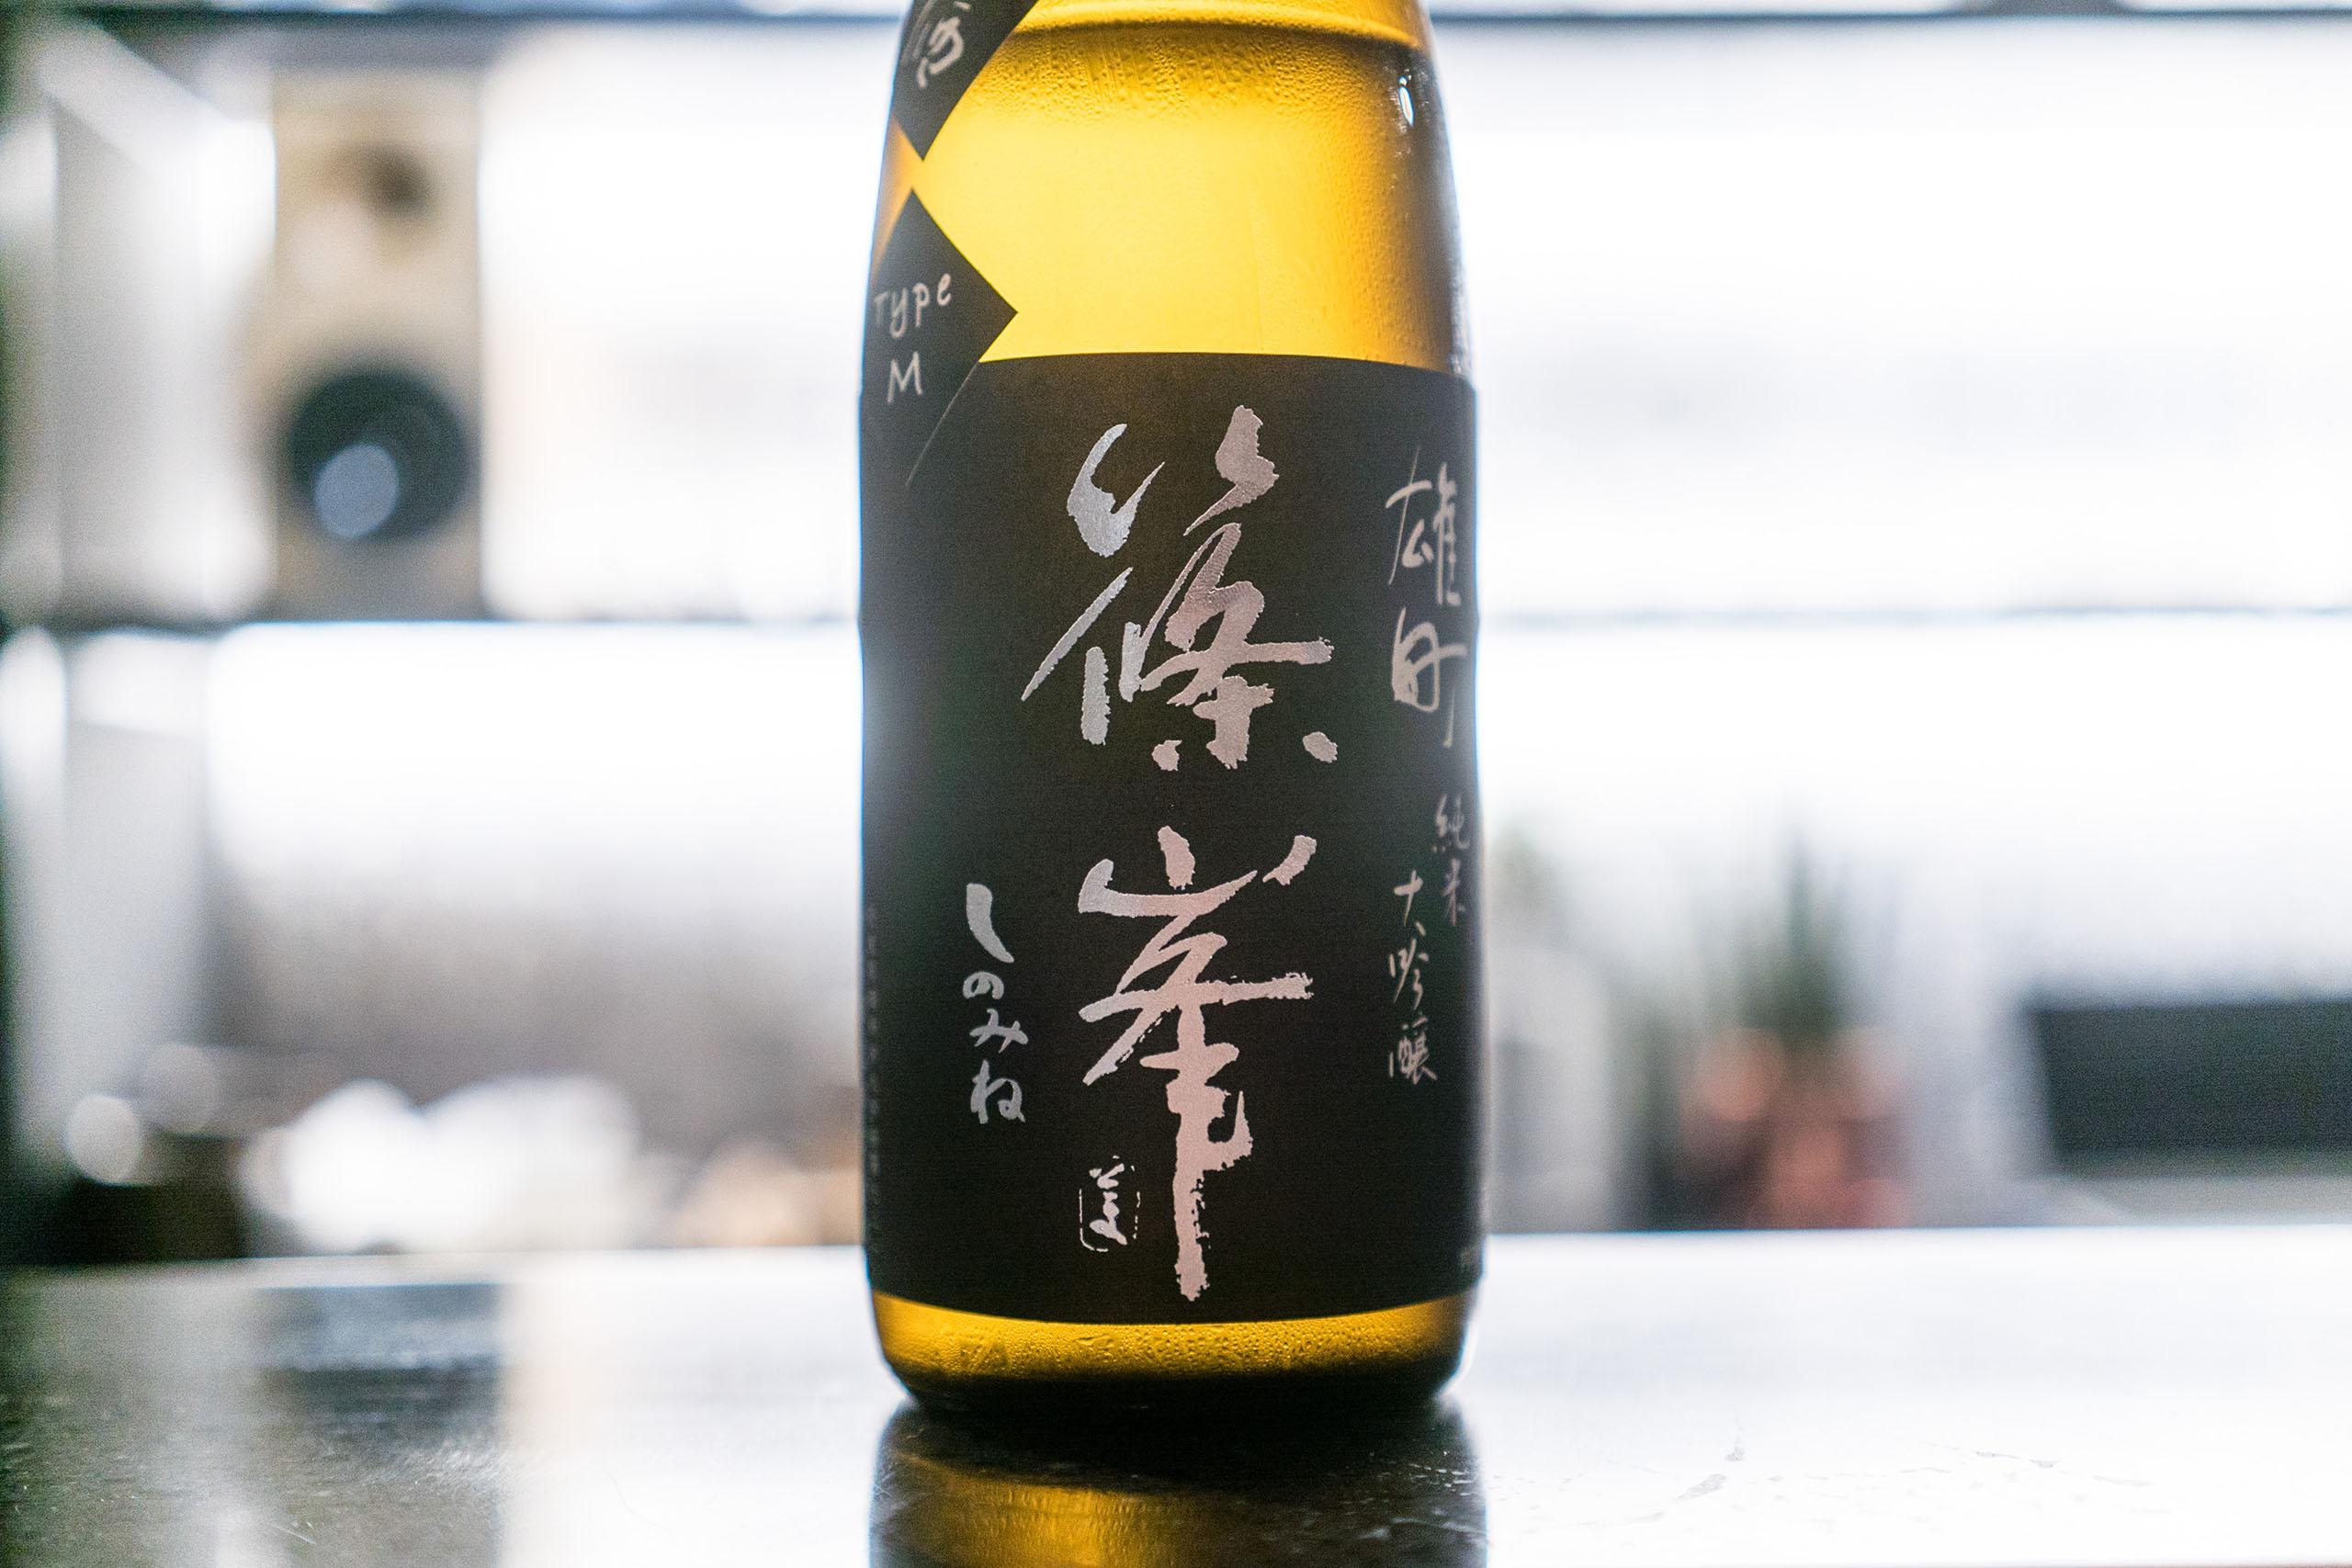 시노미네 쥰마이다이긴죠 Type-M 오마치 나카토리나마자케